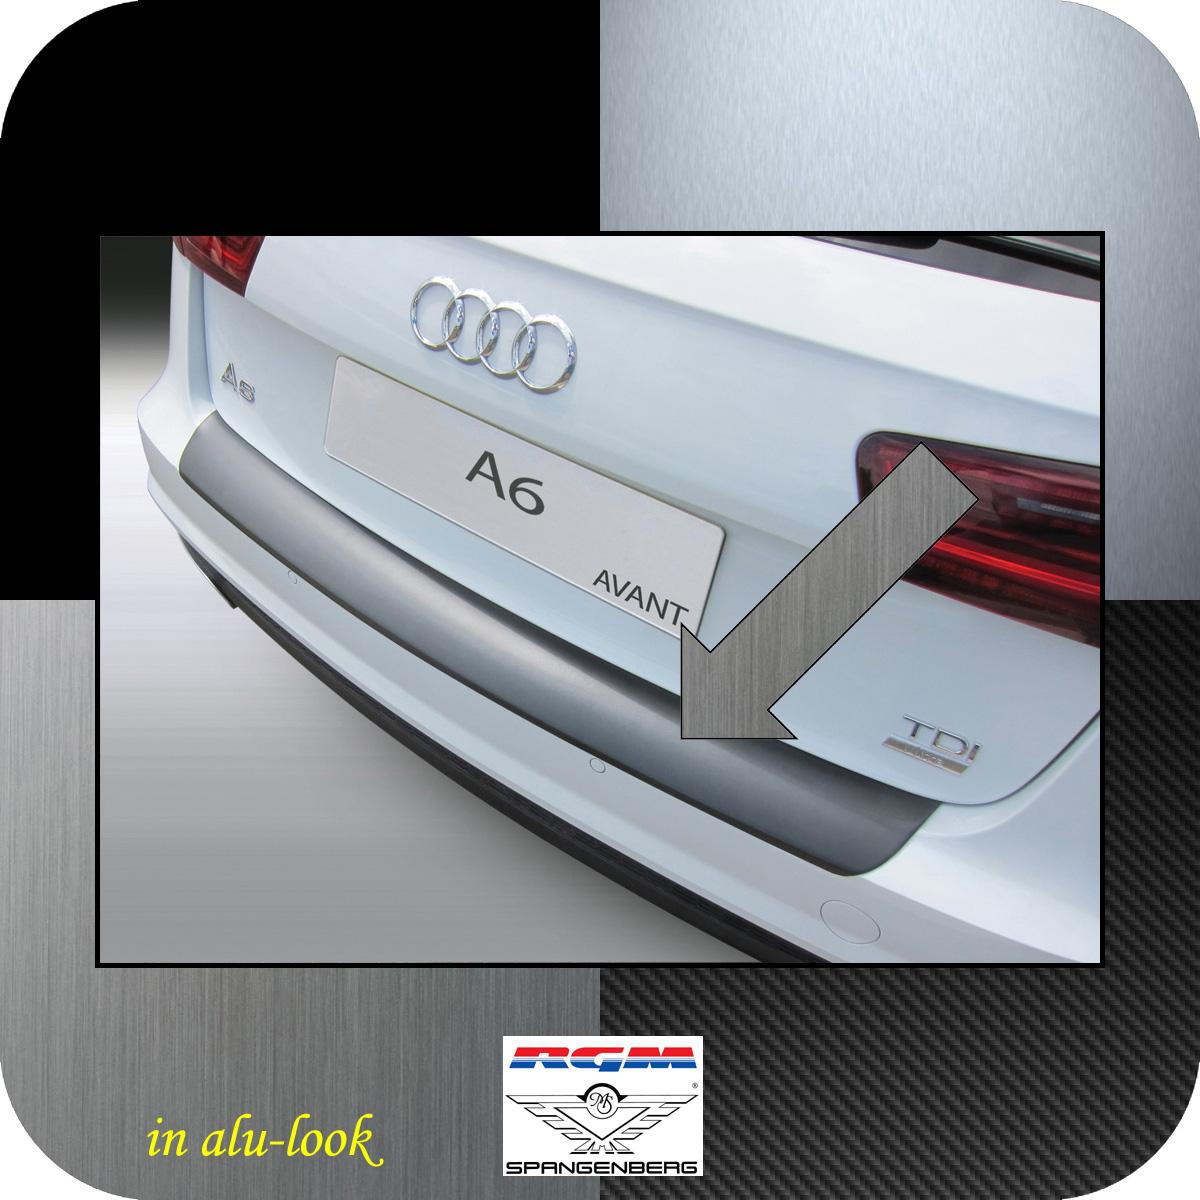 Ladekantenschutz Alu-Look Audi A6 C7 Avant auch S-Line 2016-18 not RS S6 3504679